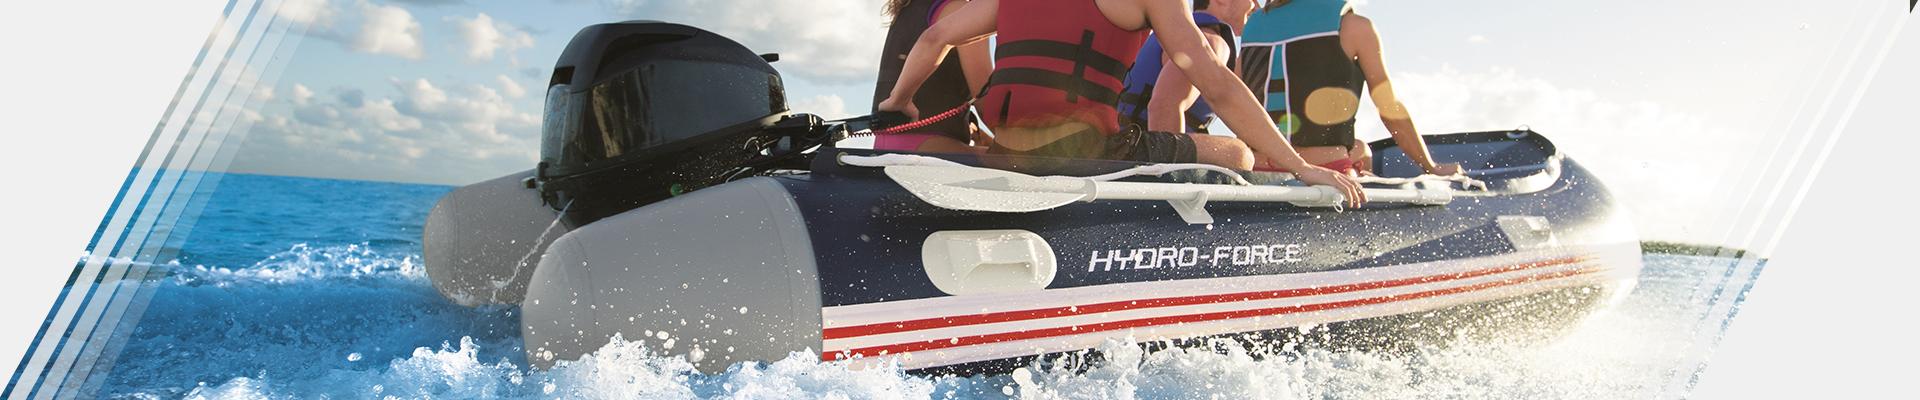 Bestway® Napihljivi čolni, kajaki in gumenjaki Hydro-Force™